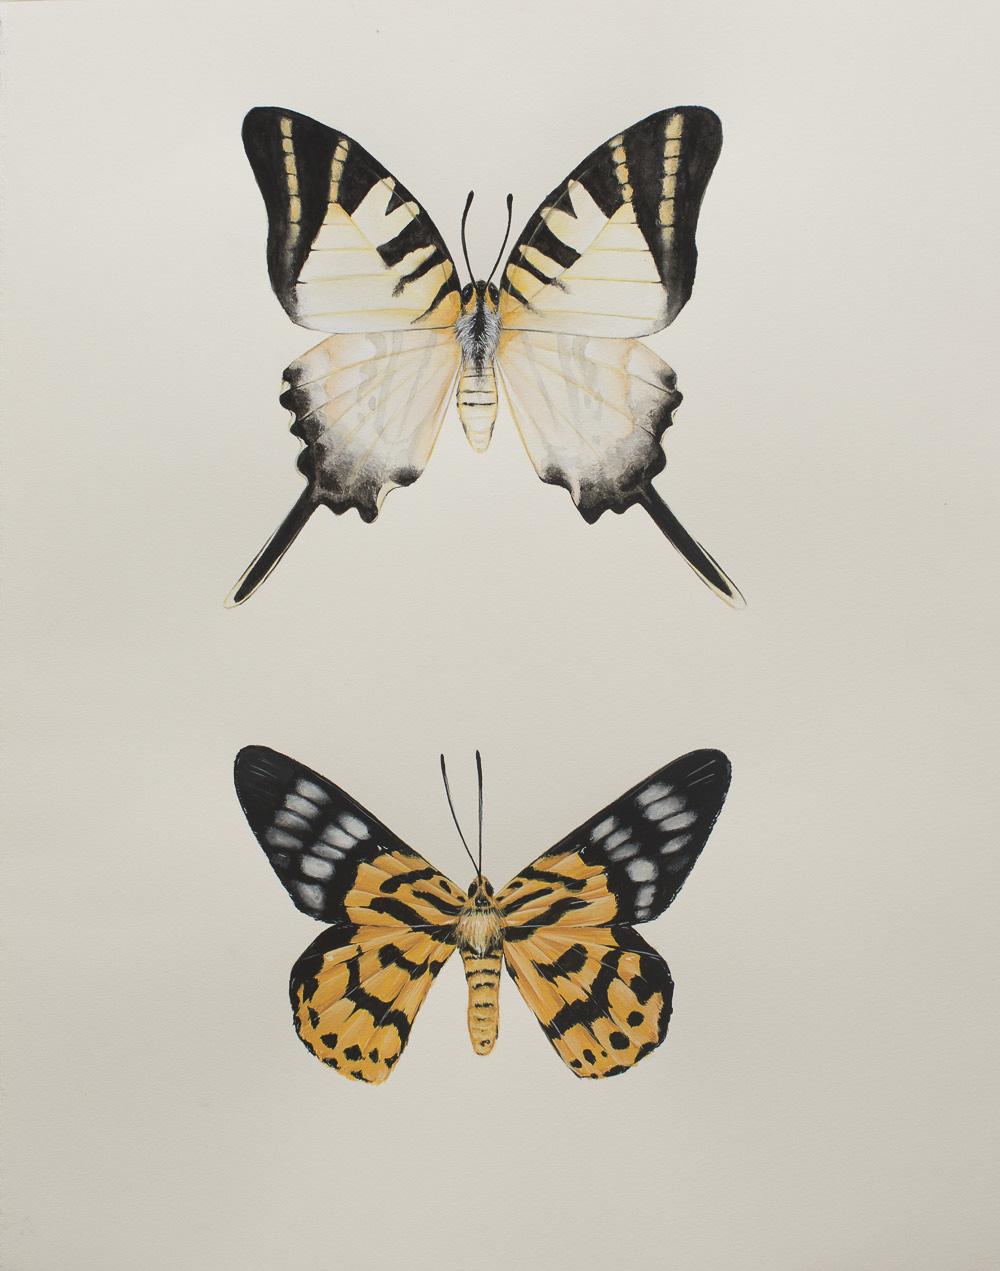 Thomas-Jackson---Entomology_Graphium-antiphates&Odina-decoratus_400x500.JPG